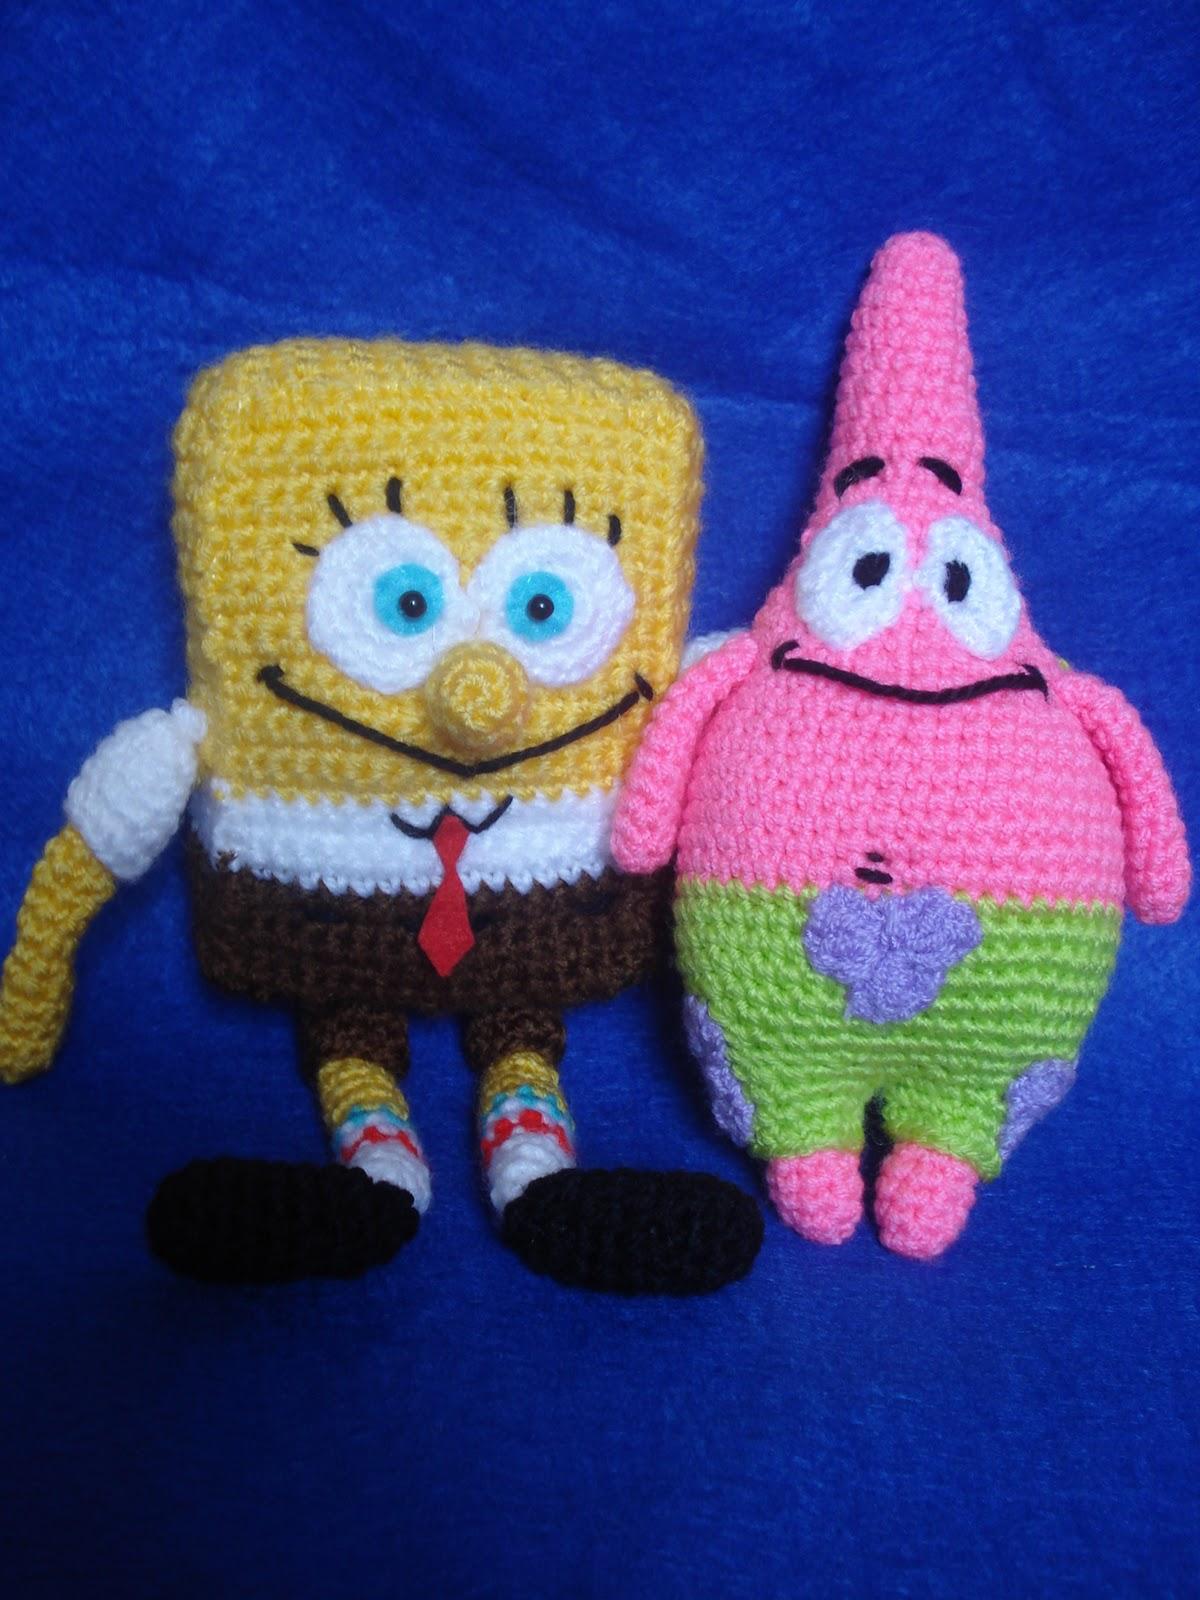 CROCHET PATTERN FOR SPONGEBOB – Crochet Club